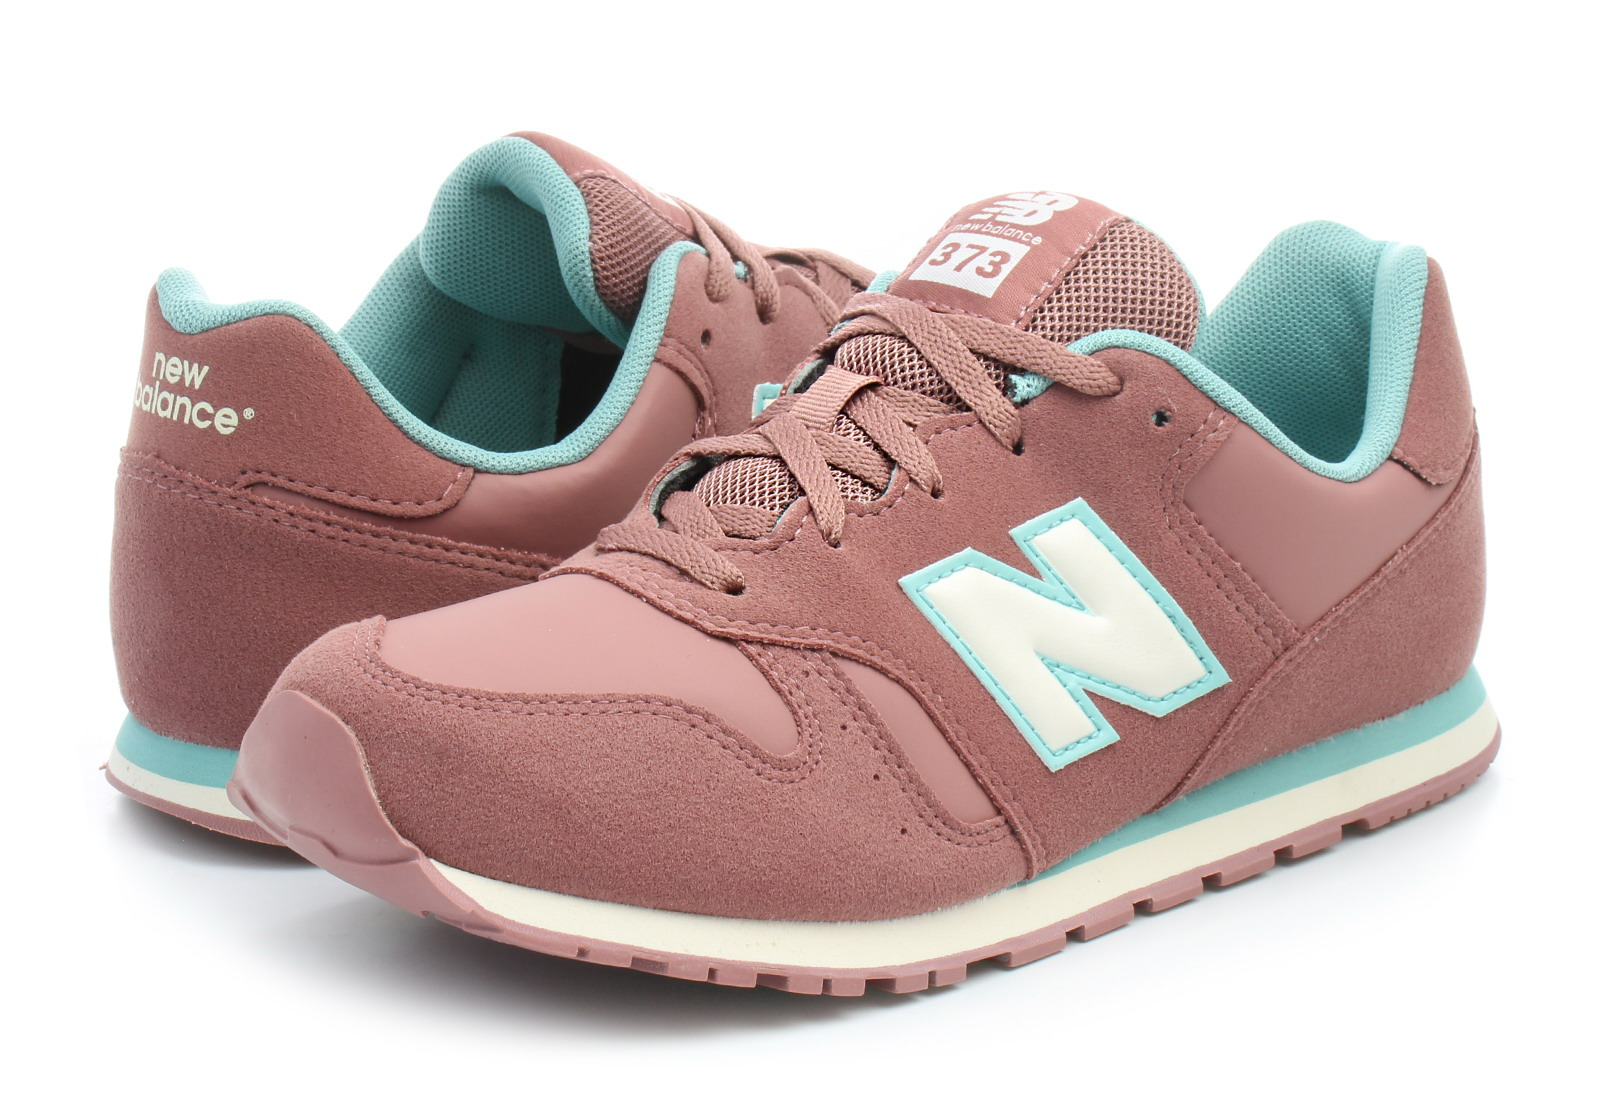 New Balance Cipő - Kj373 - KJ373NTY - Office Shoes Magyarország e956389846